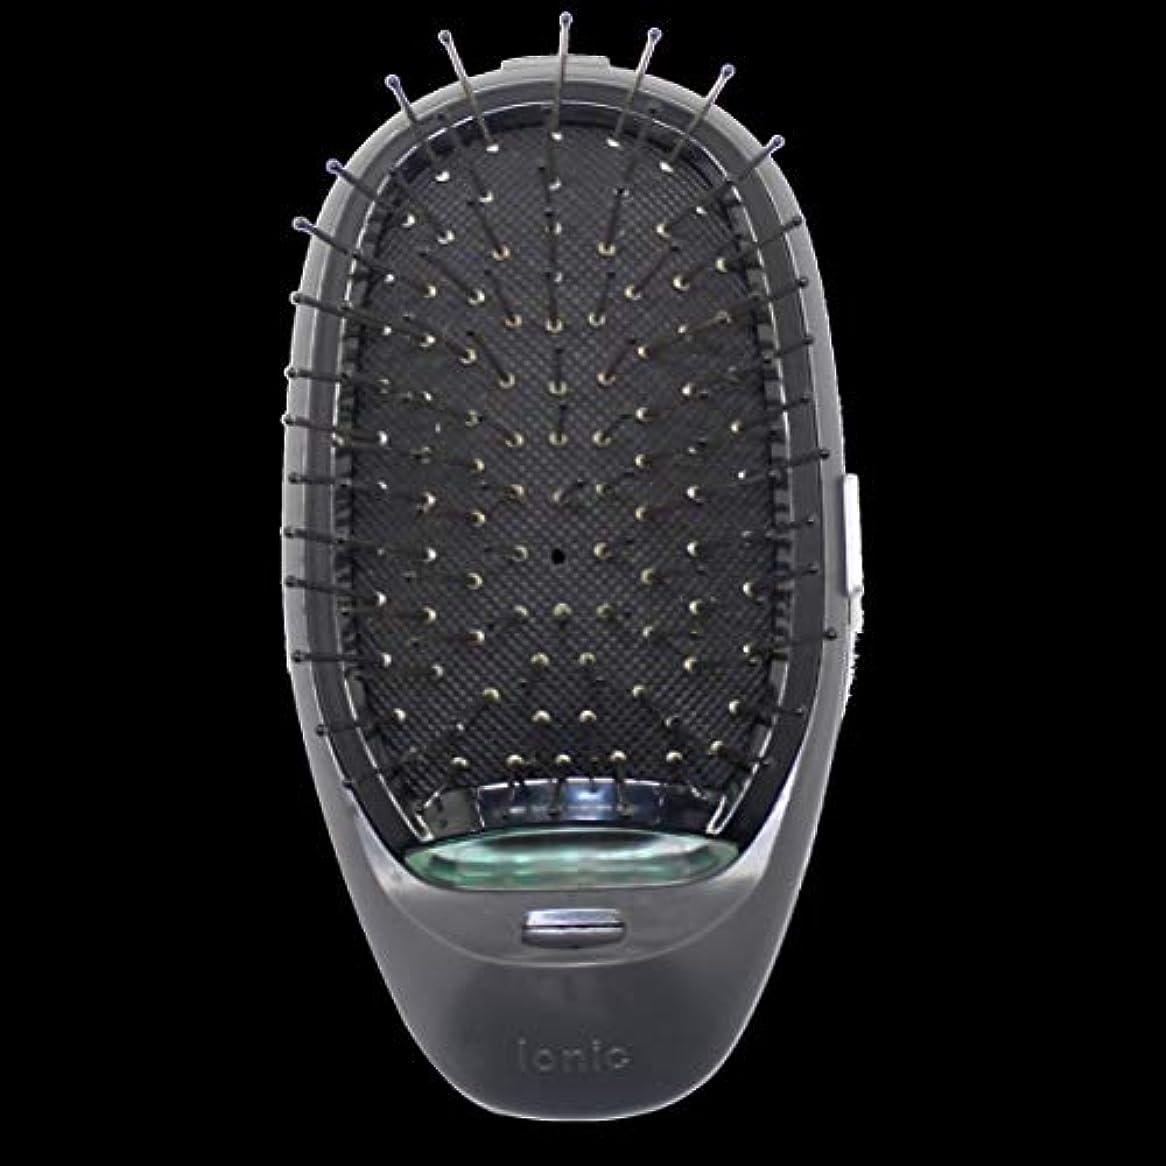 ピアニスト珍しい租界電動マッサージヘアブラシミニマイナスイオンヘアコム3Dインフレータブルコーム帯電防止ガールズヘアブラシ電池式 - ブラック